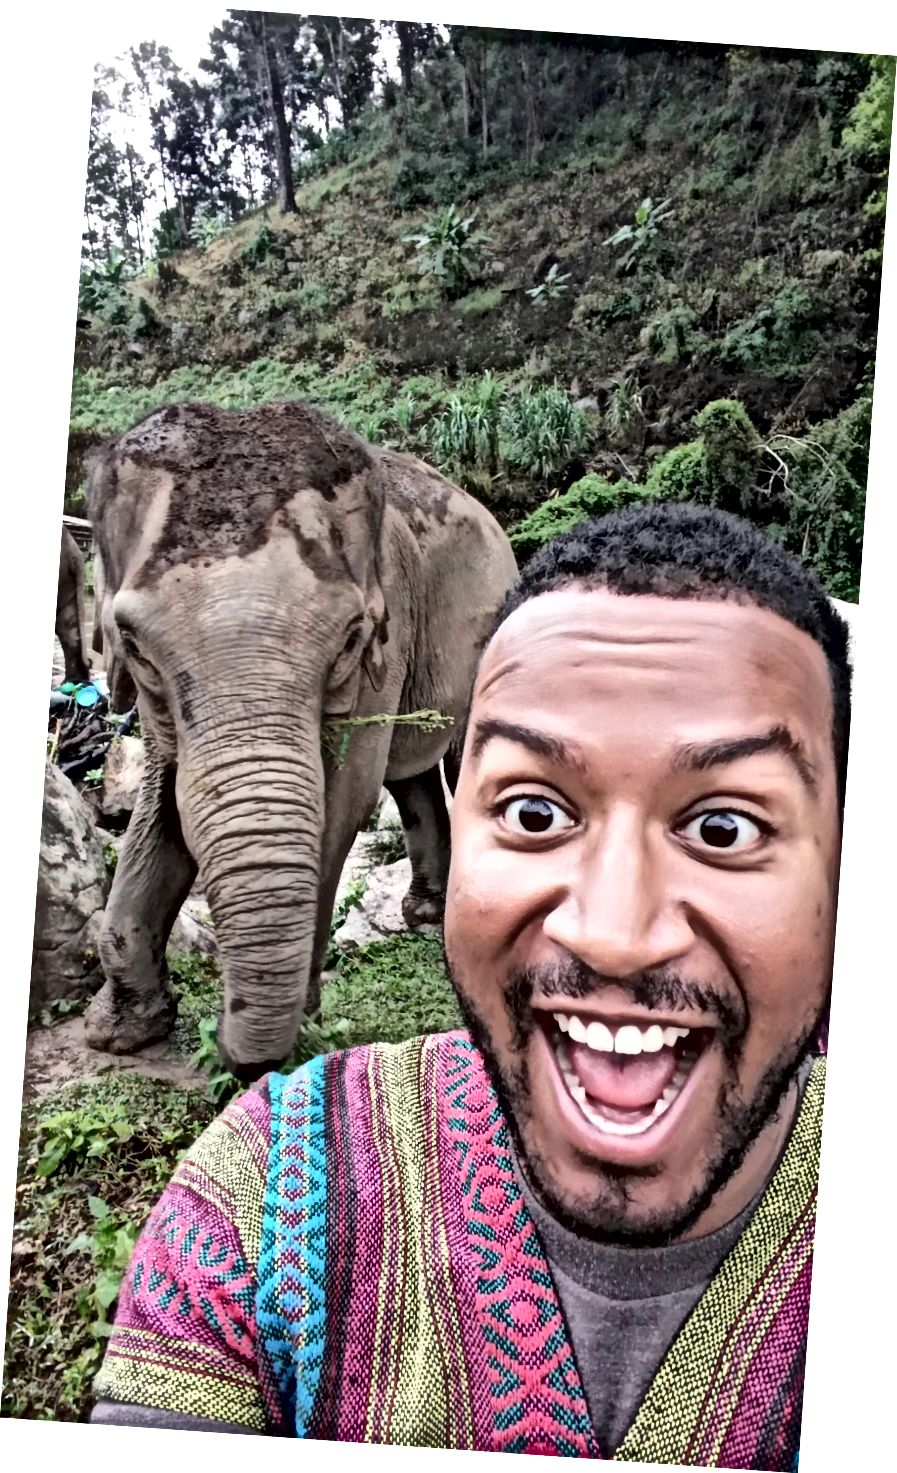 Đây có lẽ là khoảnh khắc hạnh phúc nhất trong cuộc đời tôi cho đến nay. Tình nguyện với voi ở Chiang Mai, Thái Lan.